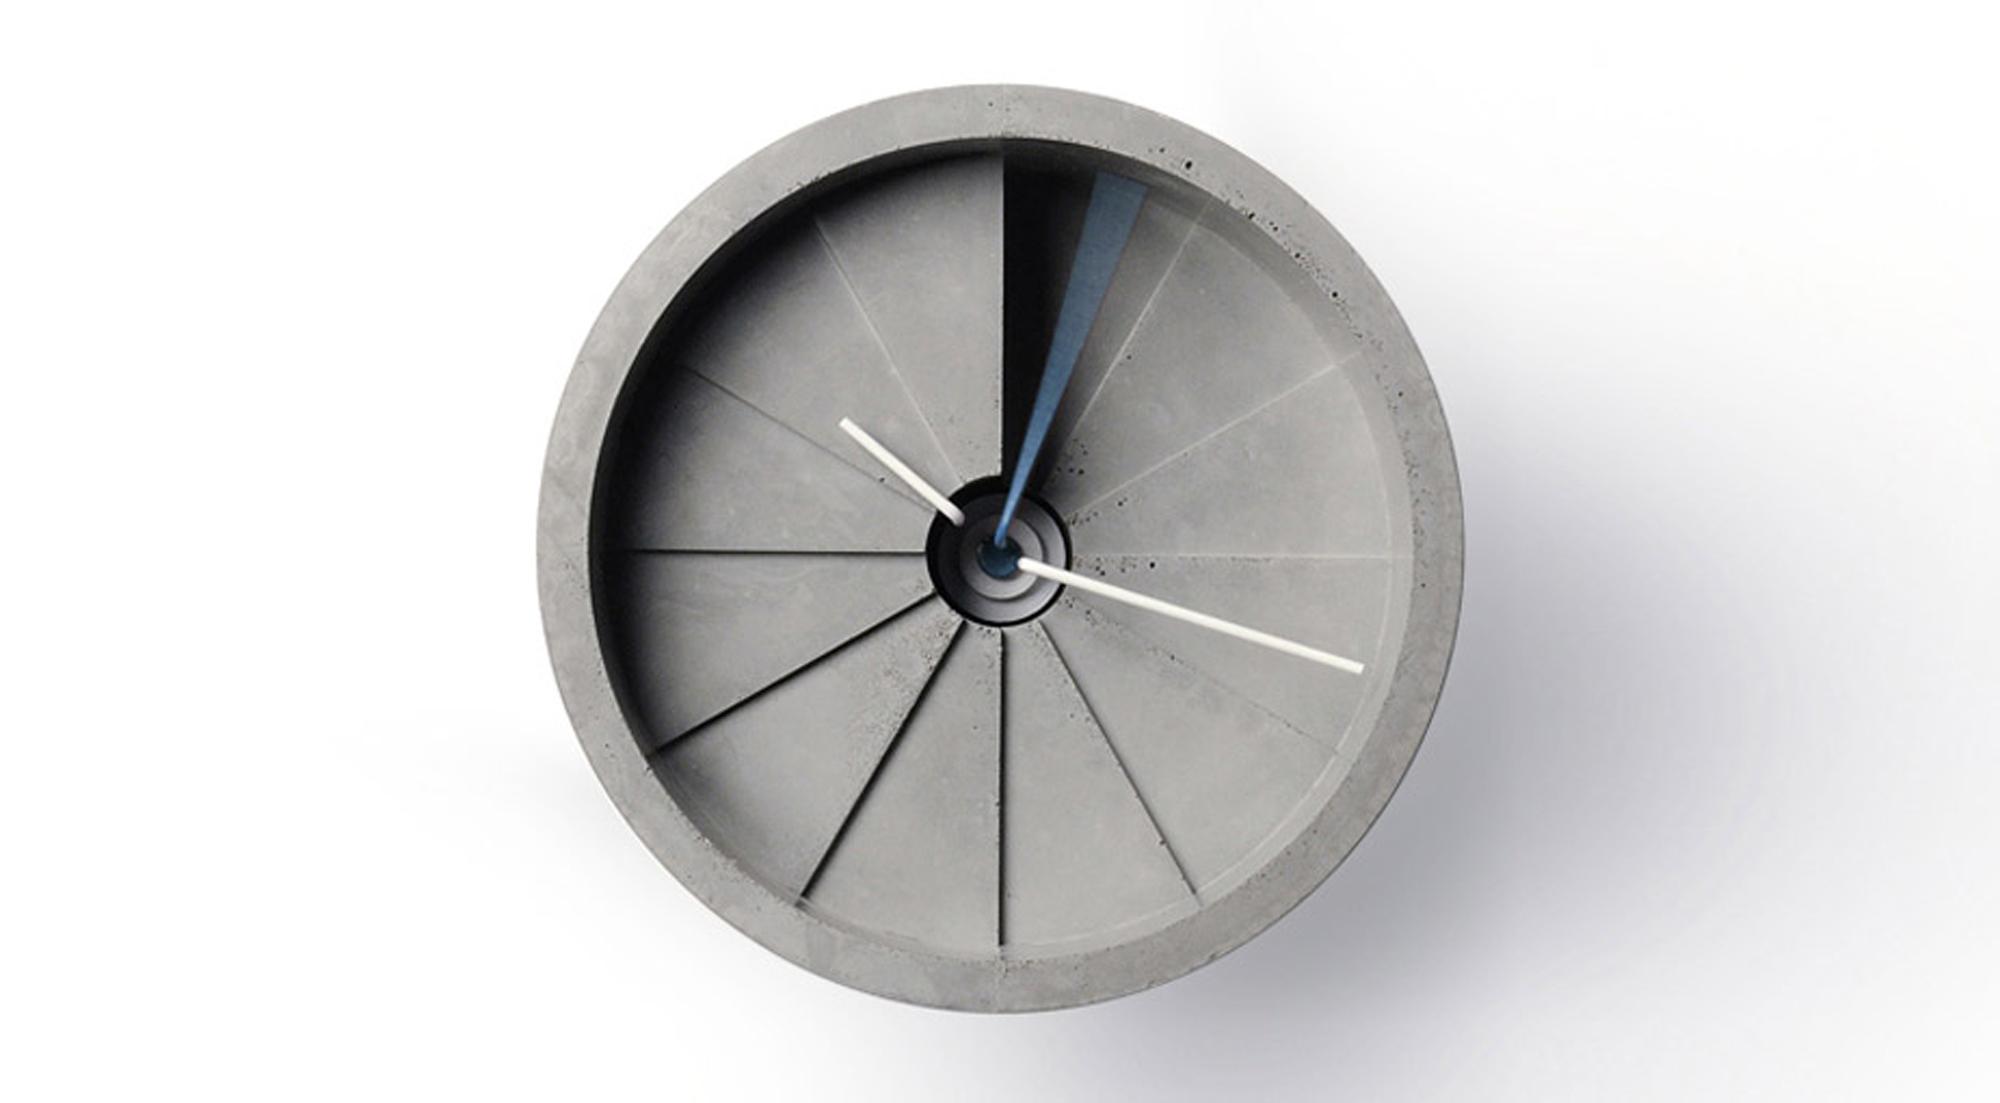 Designapplause 4th Dimension Concrete Wall Clock 22